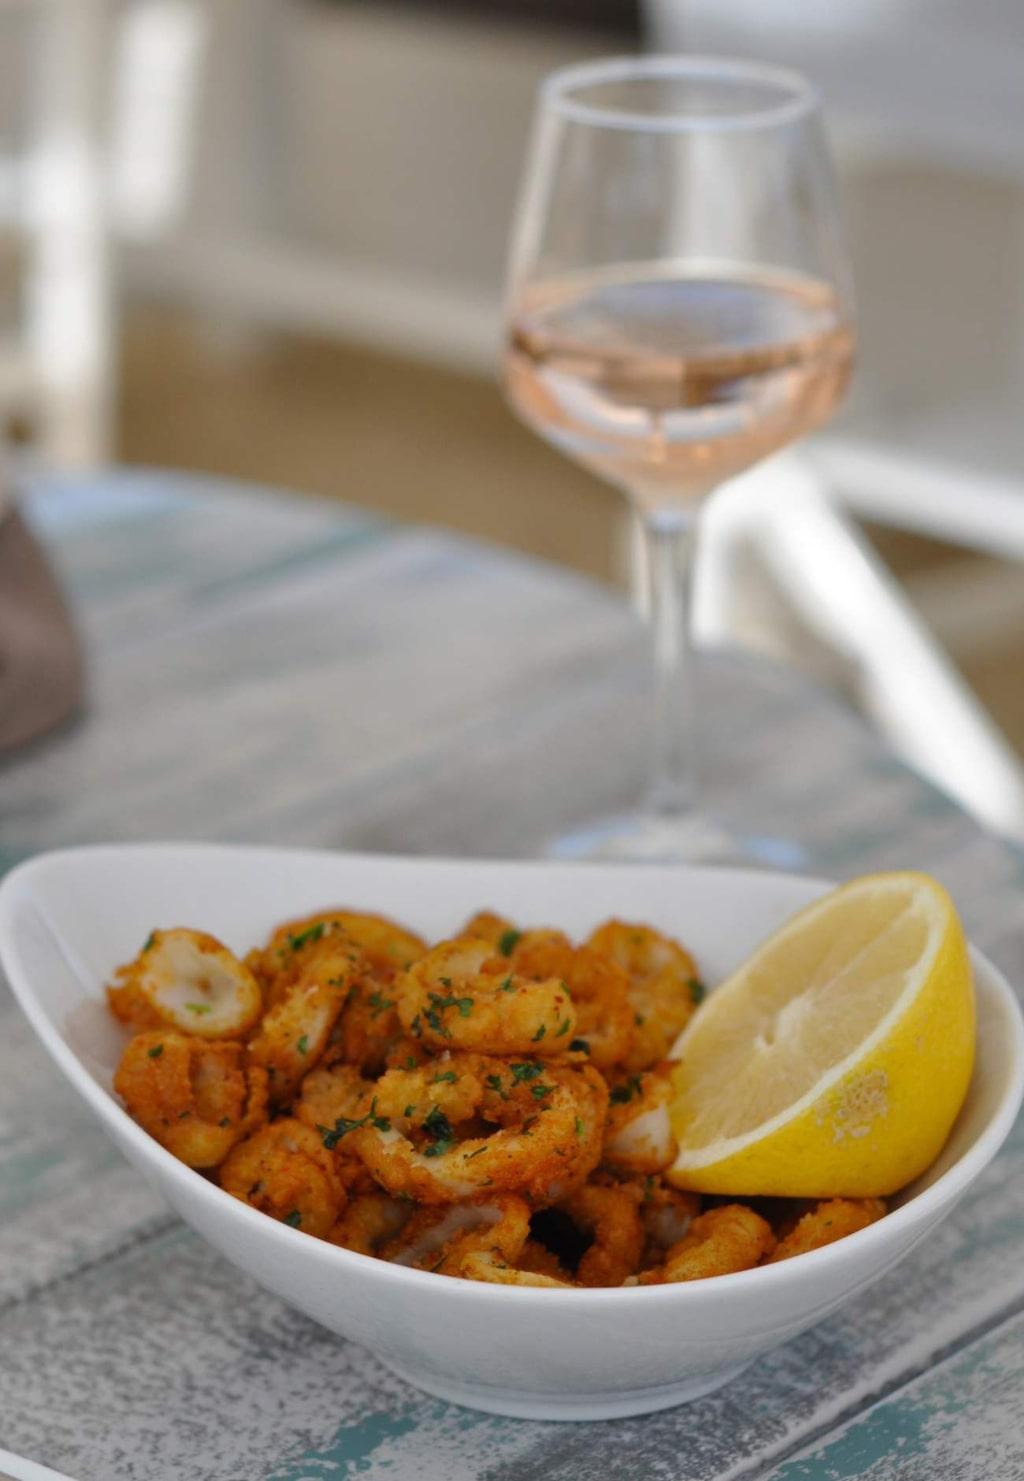 <p>Calamaris och självklart ett glas laxrosa rosé till lunch vid stranden.</p>